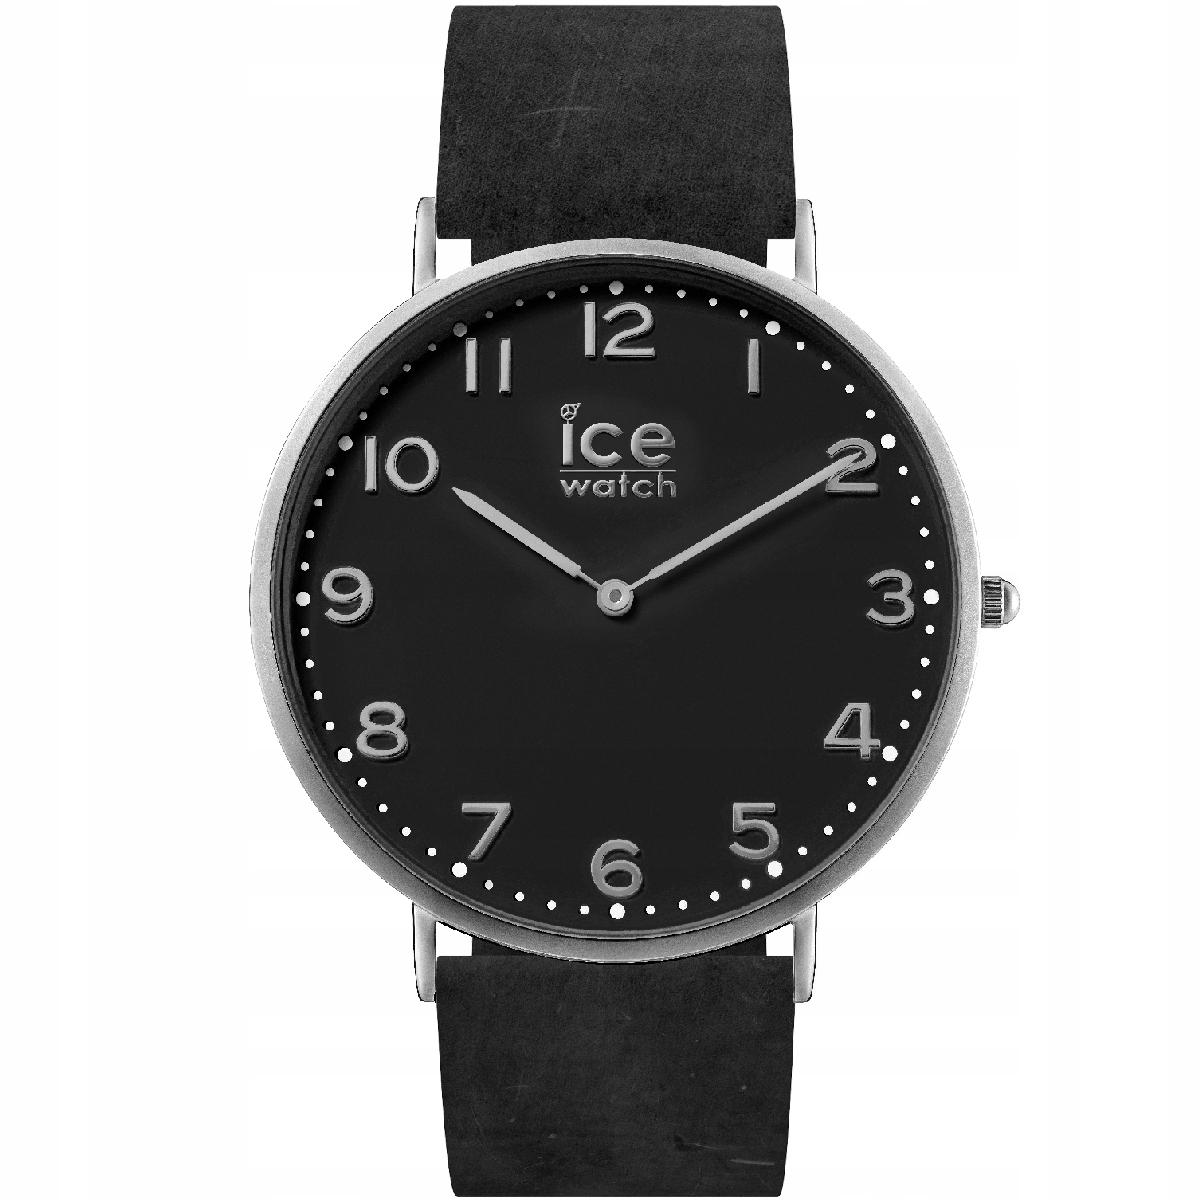 ZEGAREK ICE WATCH CHL.A.BAR.36.N.15 13138